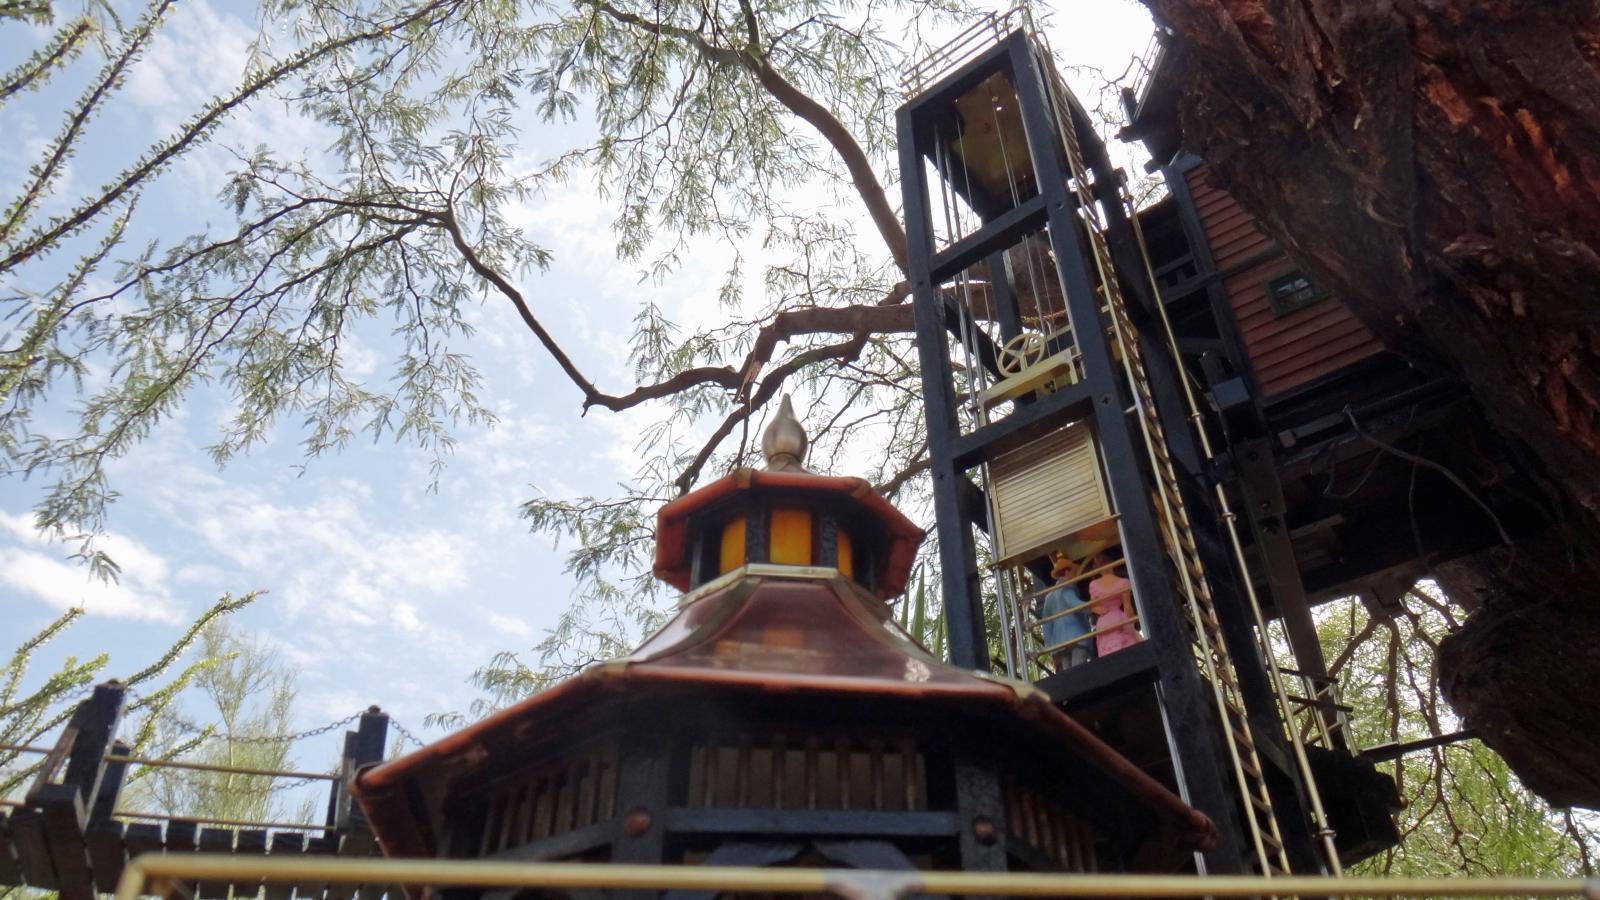 Garden Railway Treehouse Remodeled-19.JPG